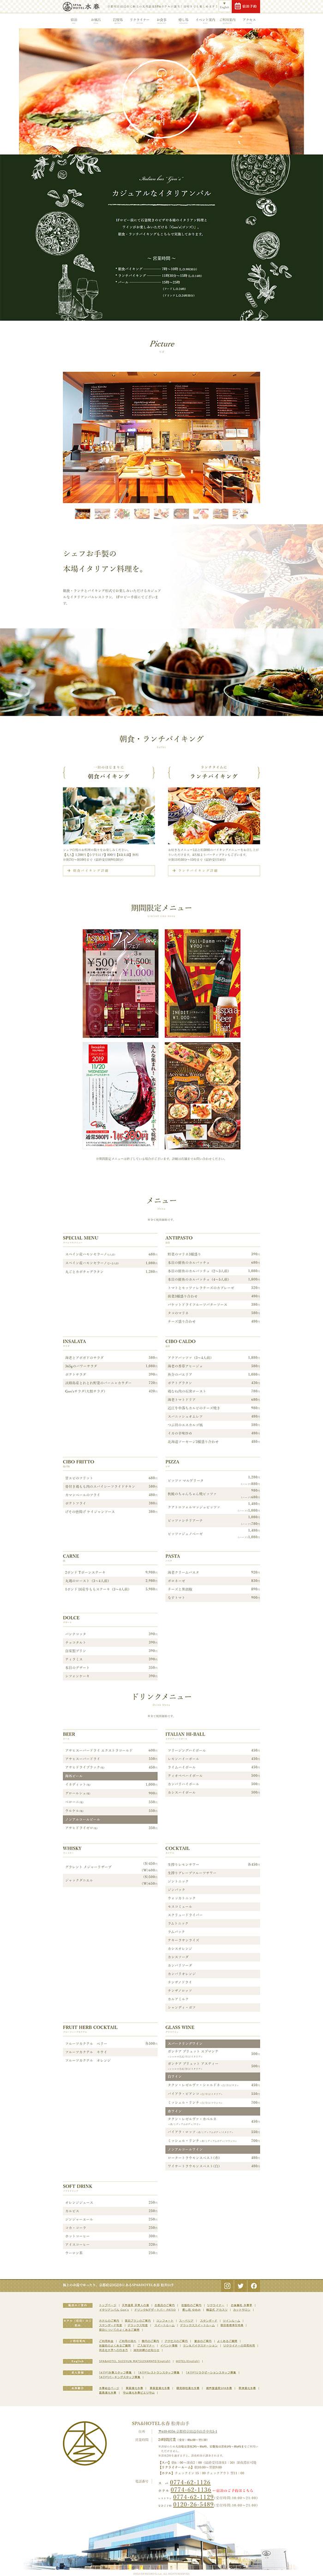 イタリアンバル「Gon's」のご案内|SPA&HOTEL水春 松井山手